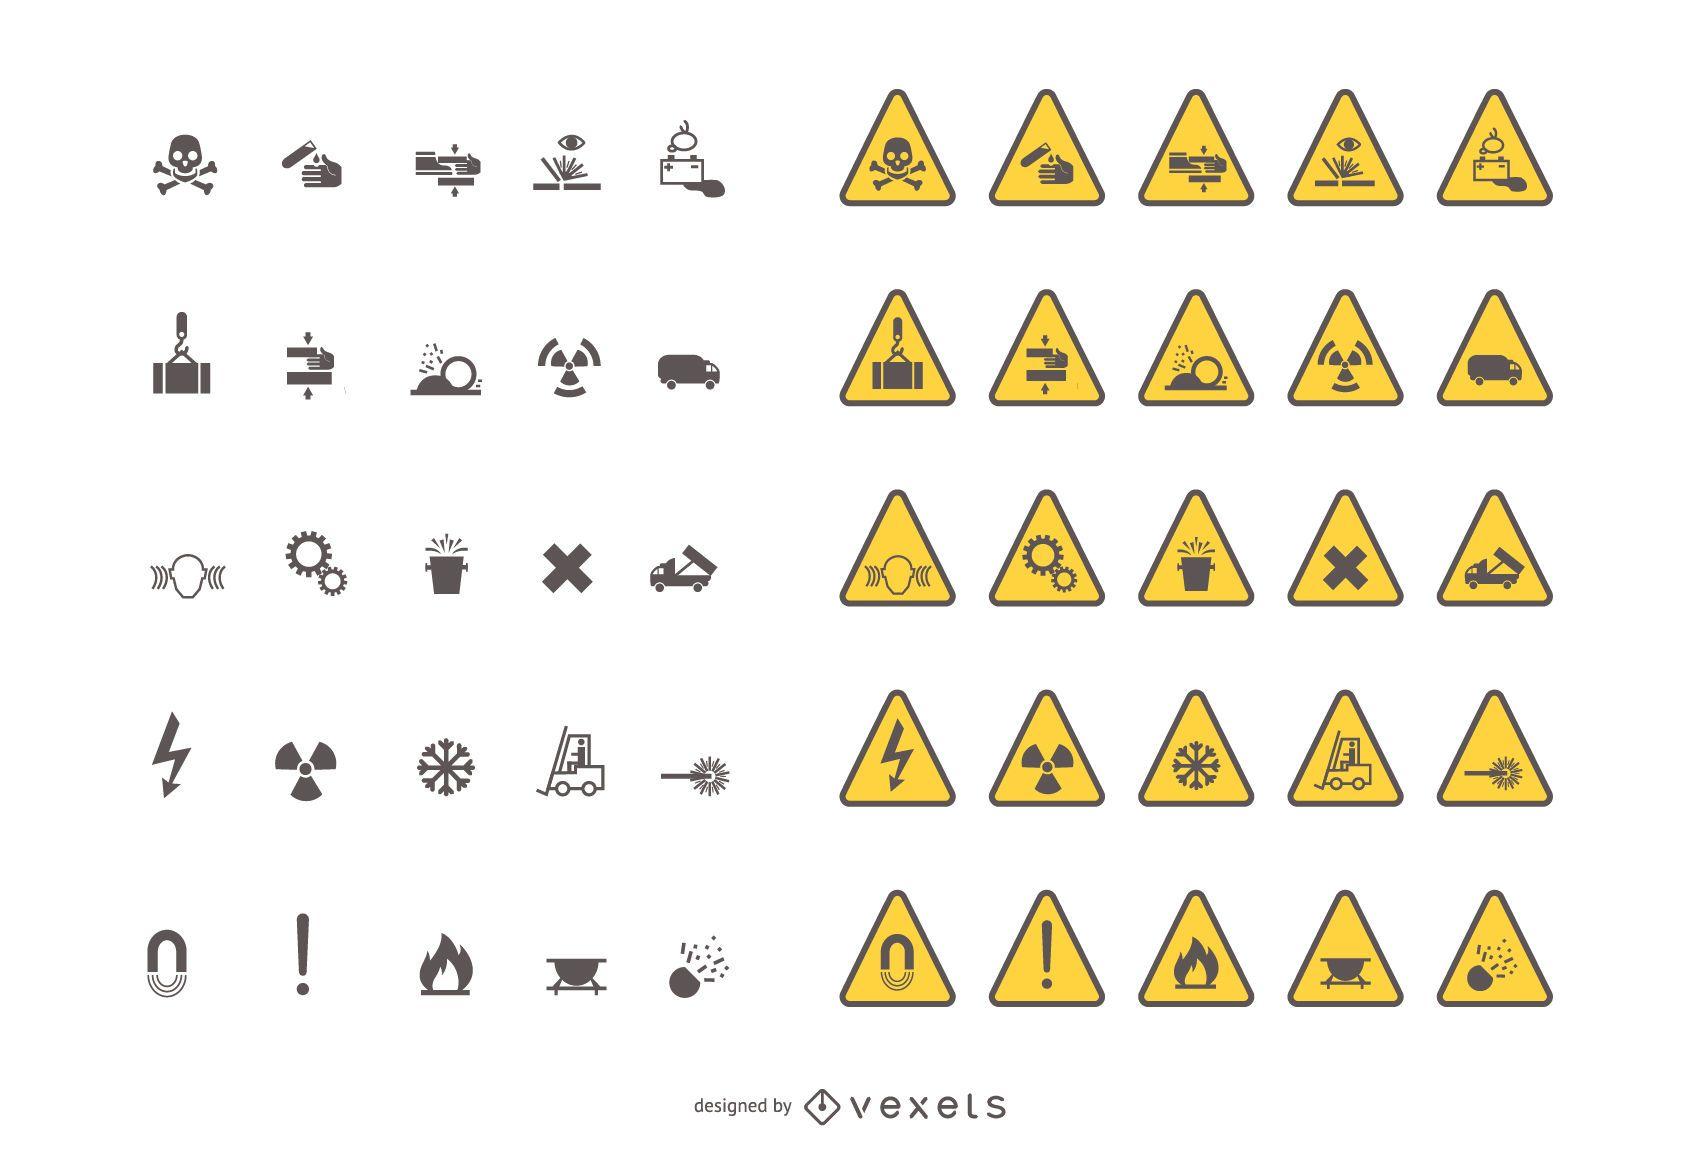 Señales de tráfico de advertencia